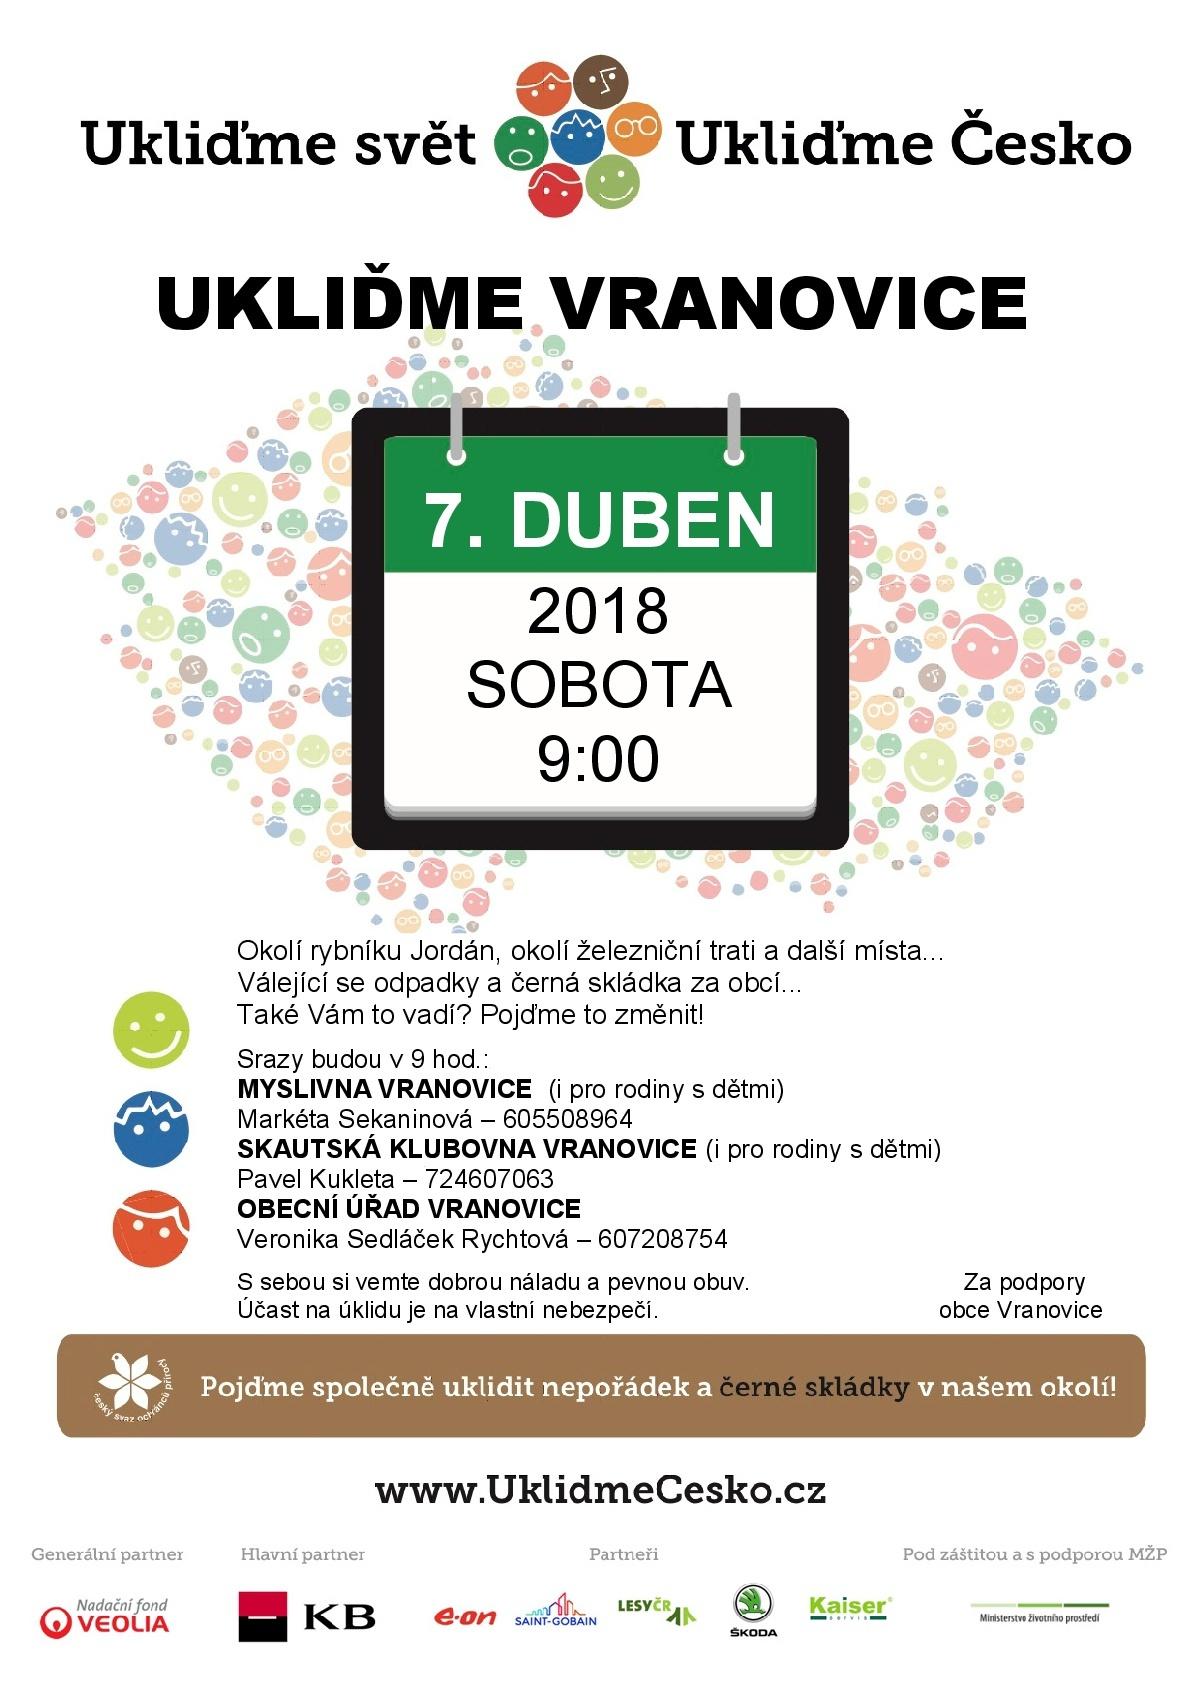 uklidme_cesko_2018_letacek3-001 (1)